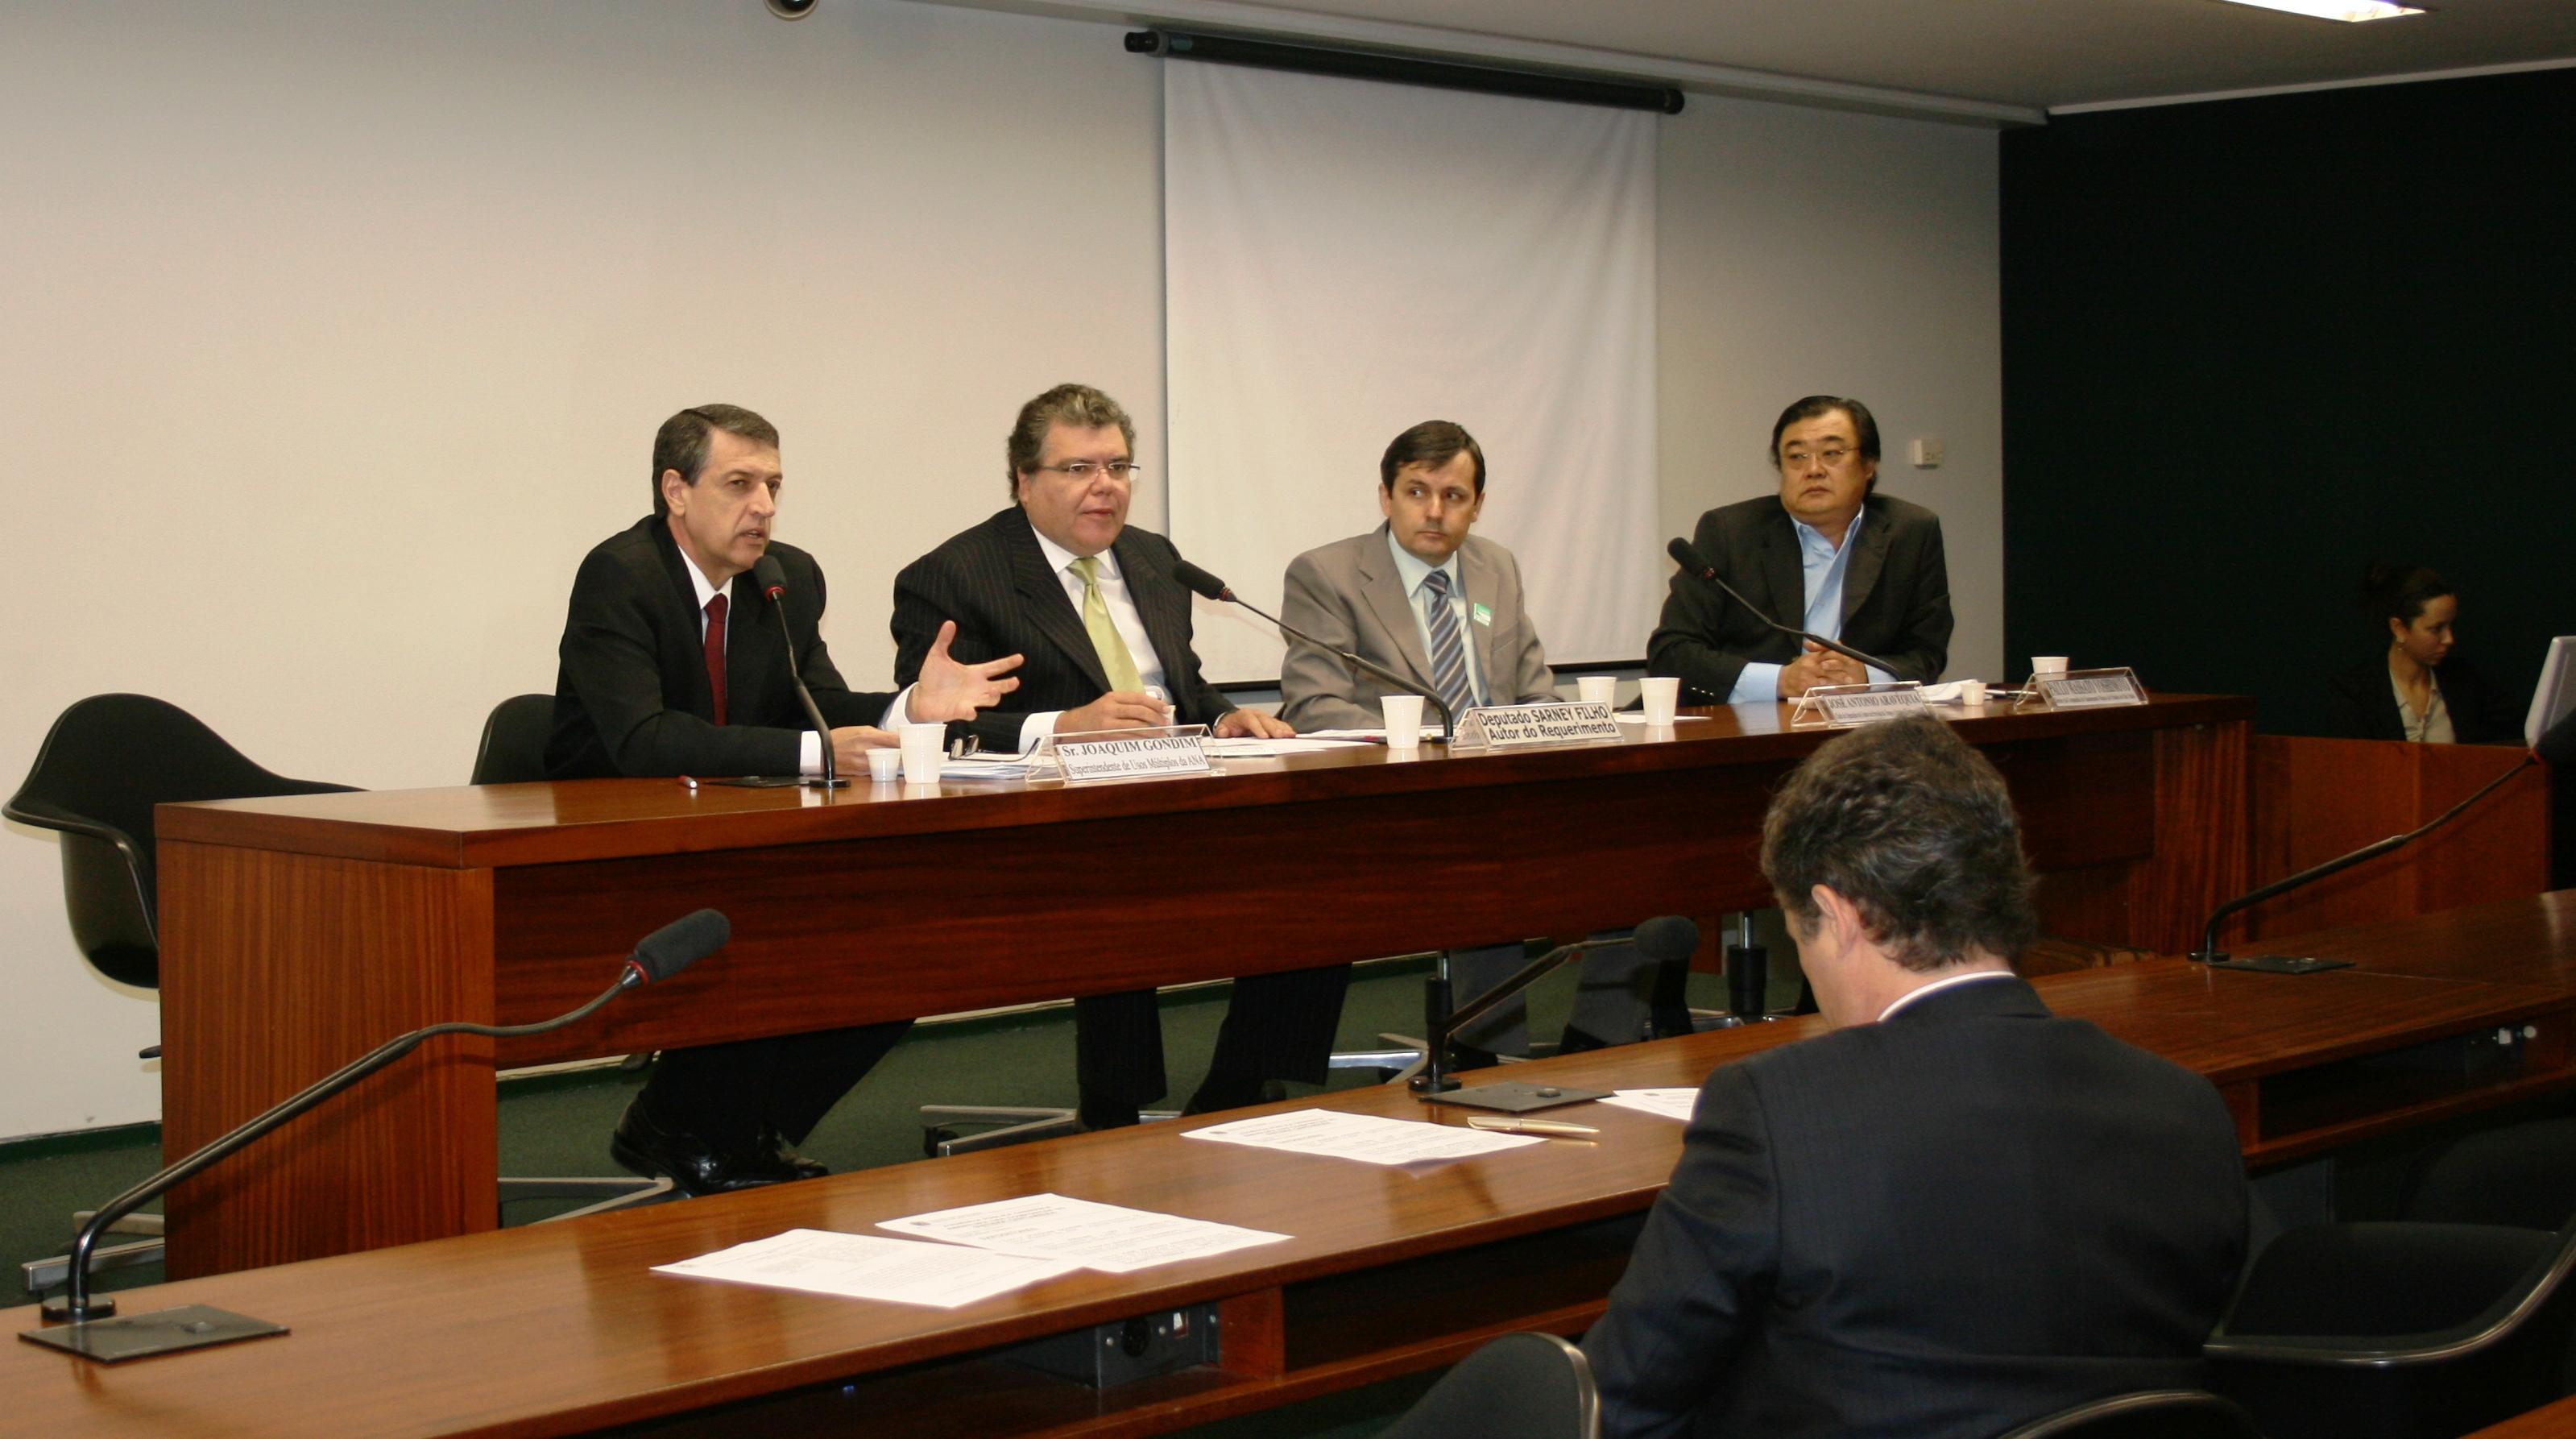 Joaquim Gondim participou de audiência pública na Câmara para debater a questão da abertura das comportas no Sistema Cantareira